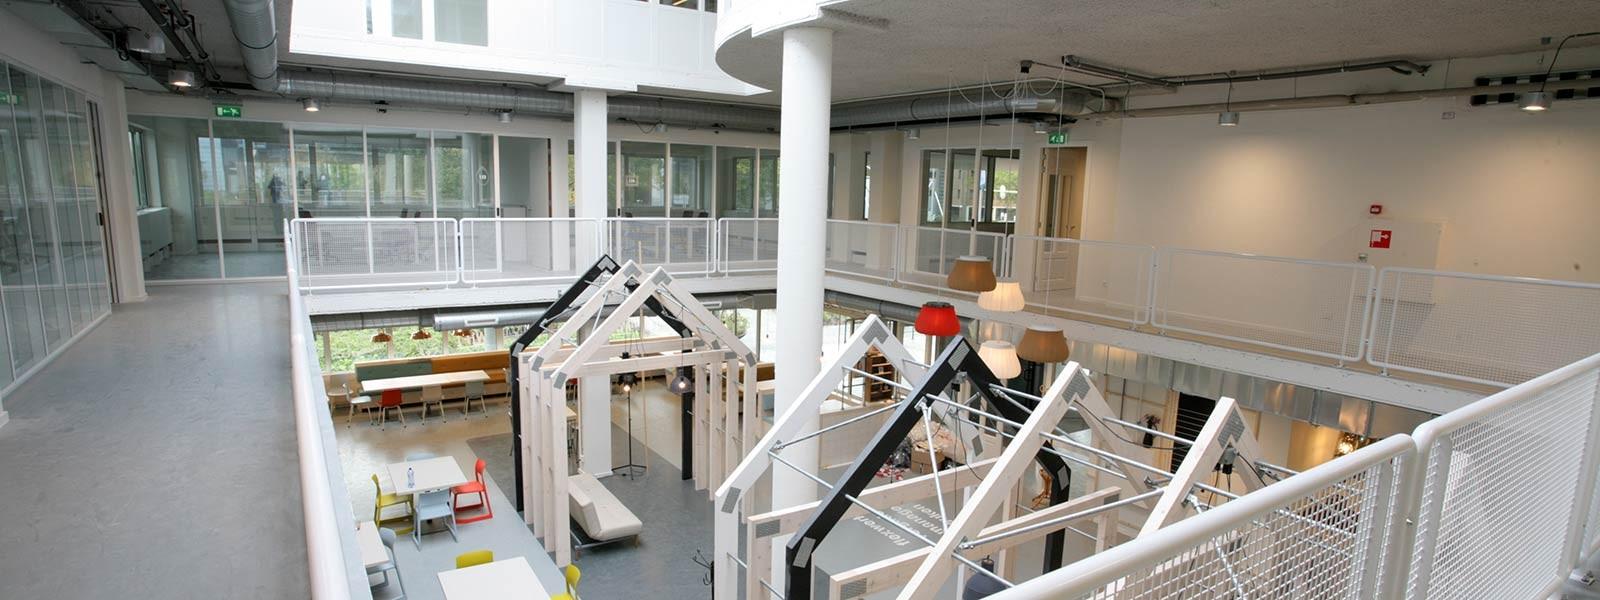 HNK Het Nieuwe Kantoor, Utrecht